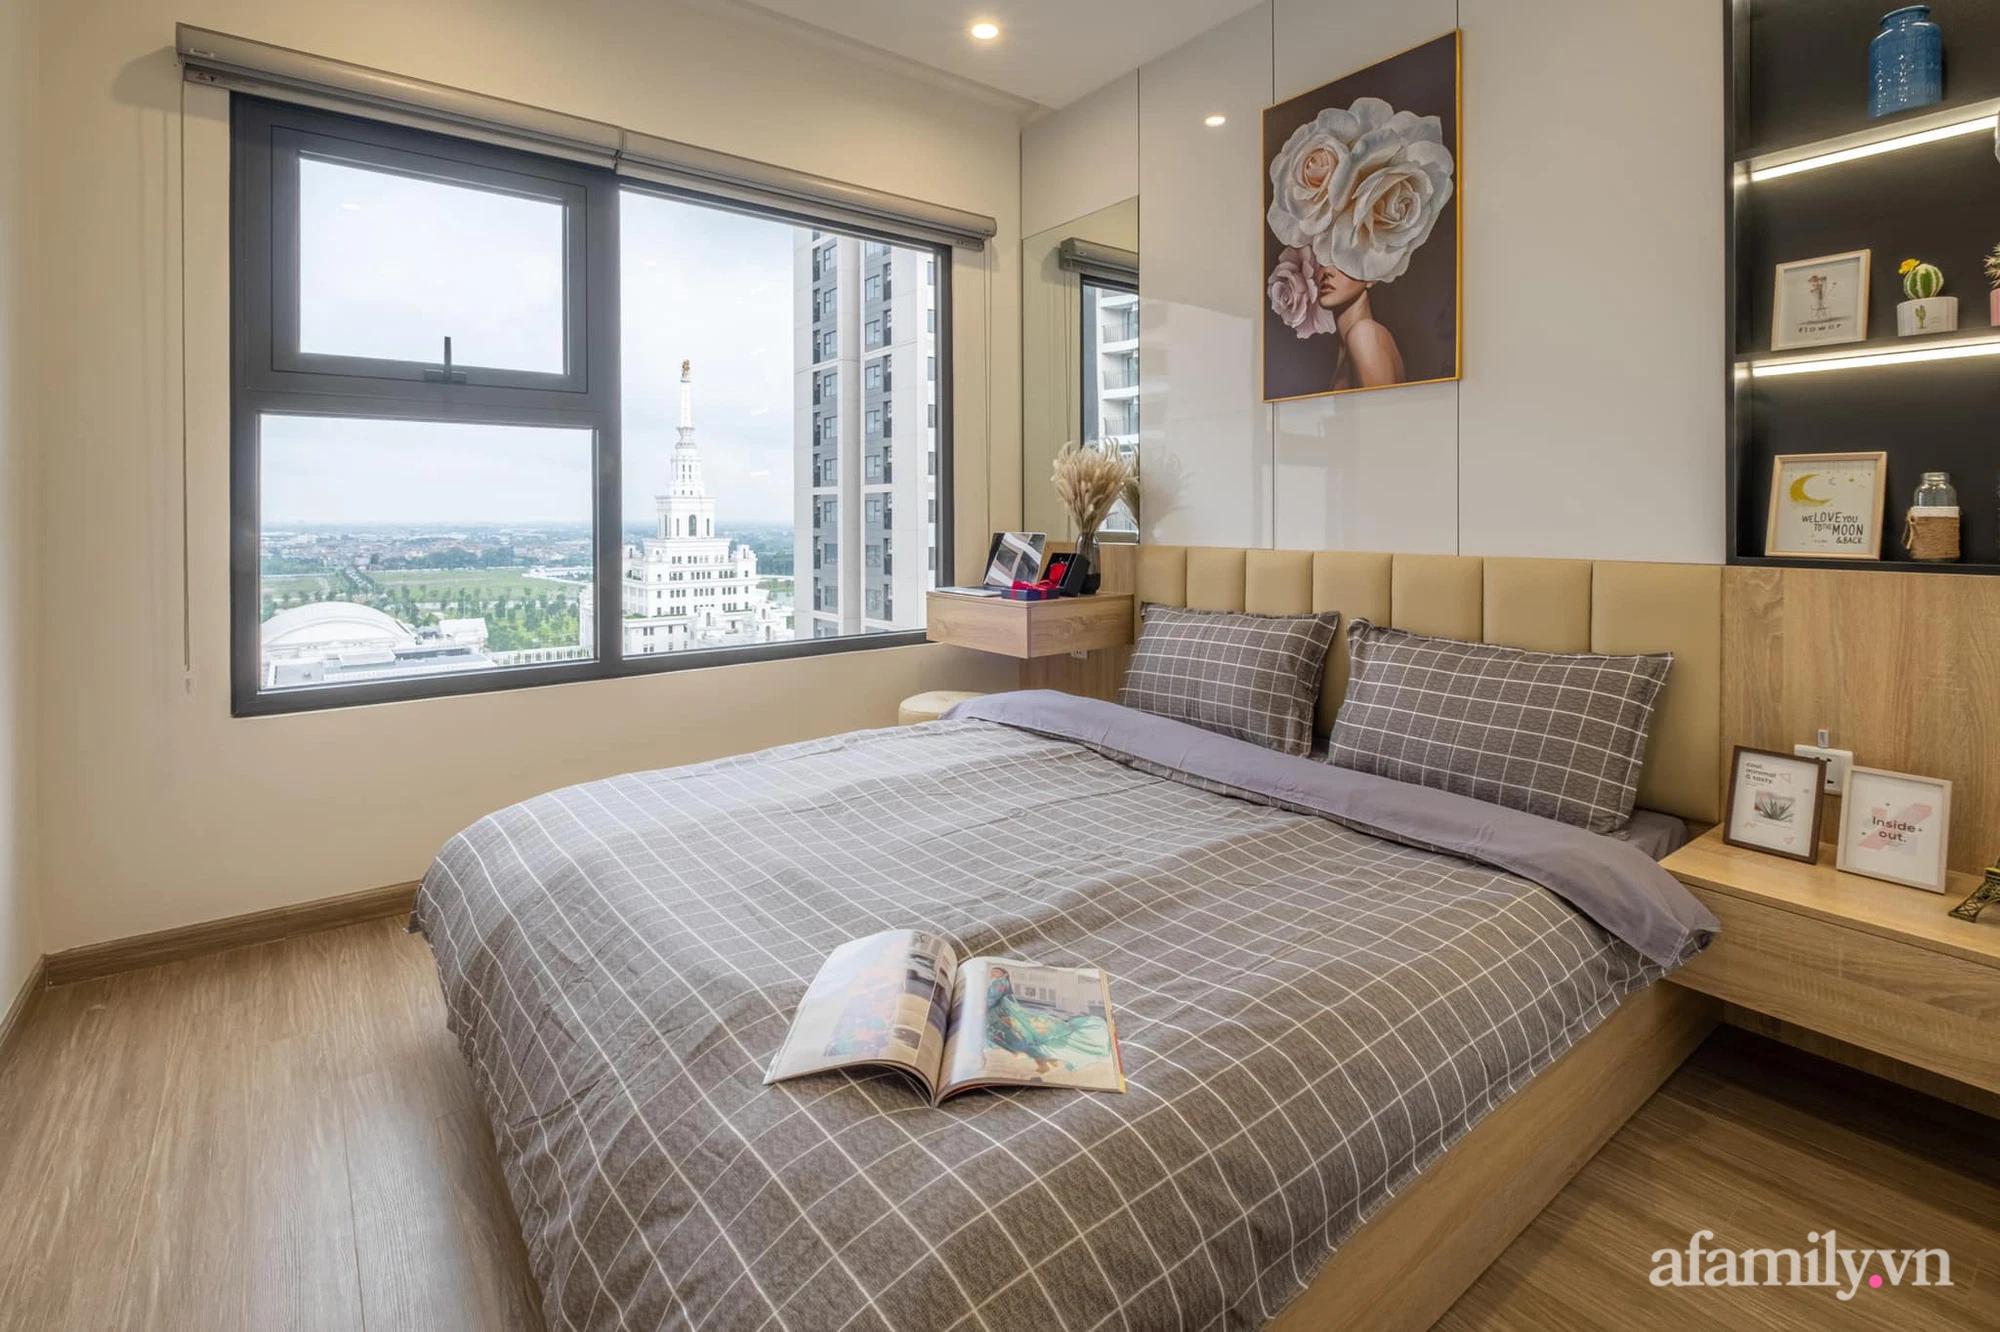 Chàng trai Hà Nội chuyển từ nhà phố 4 tầng lên ở chung cư vì lý do không phải ai cũng biết - Ảnh 11.